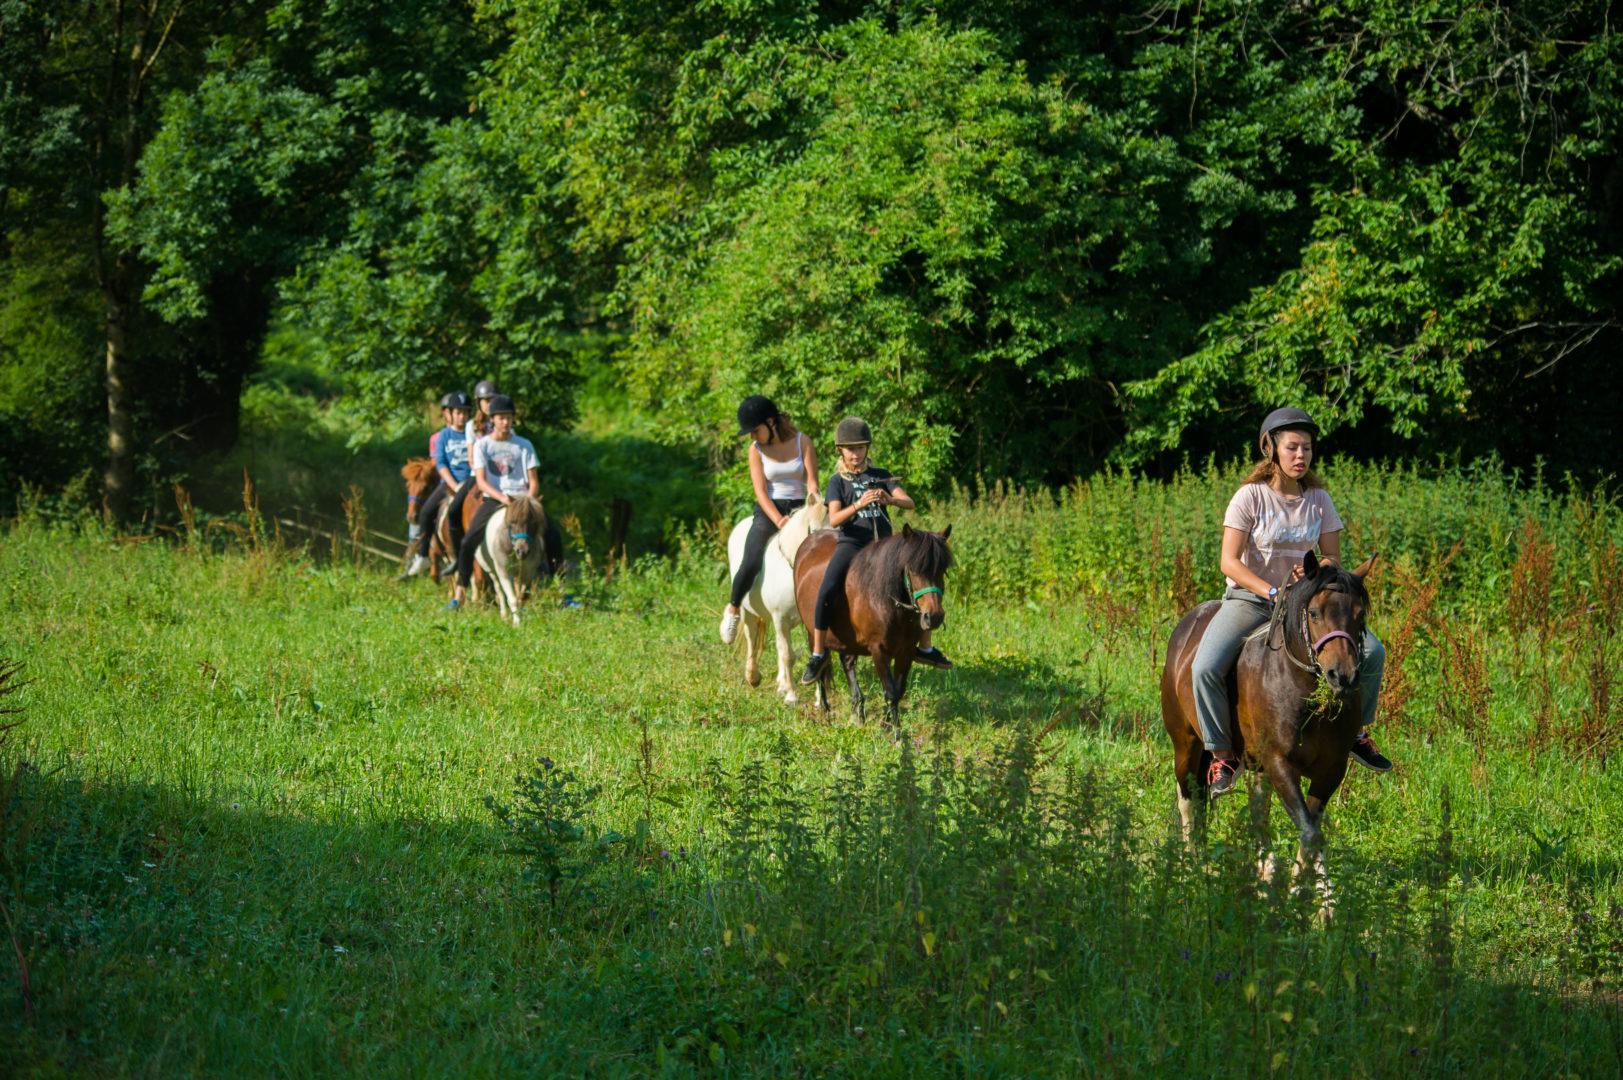 balade poney ; centre de vacances ; colonie de vacances ; monte à cru ; respect animal ;